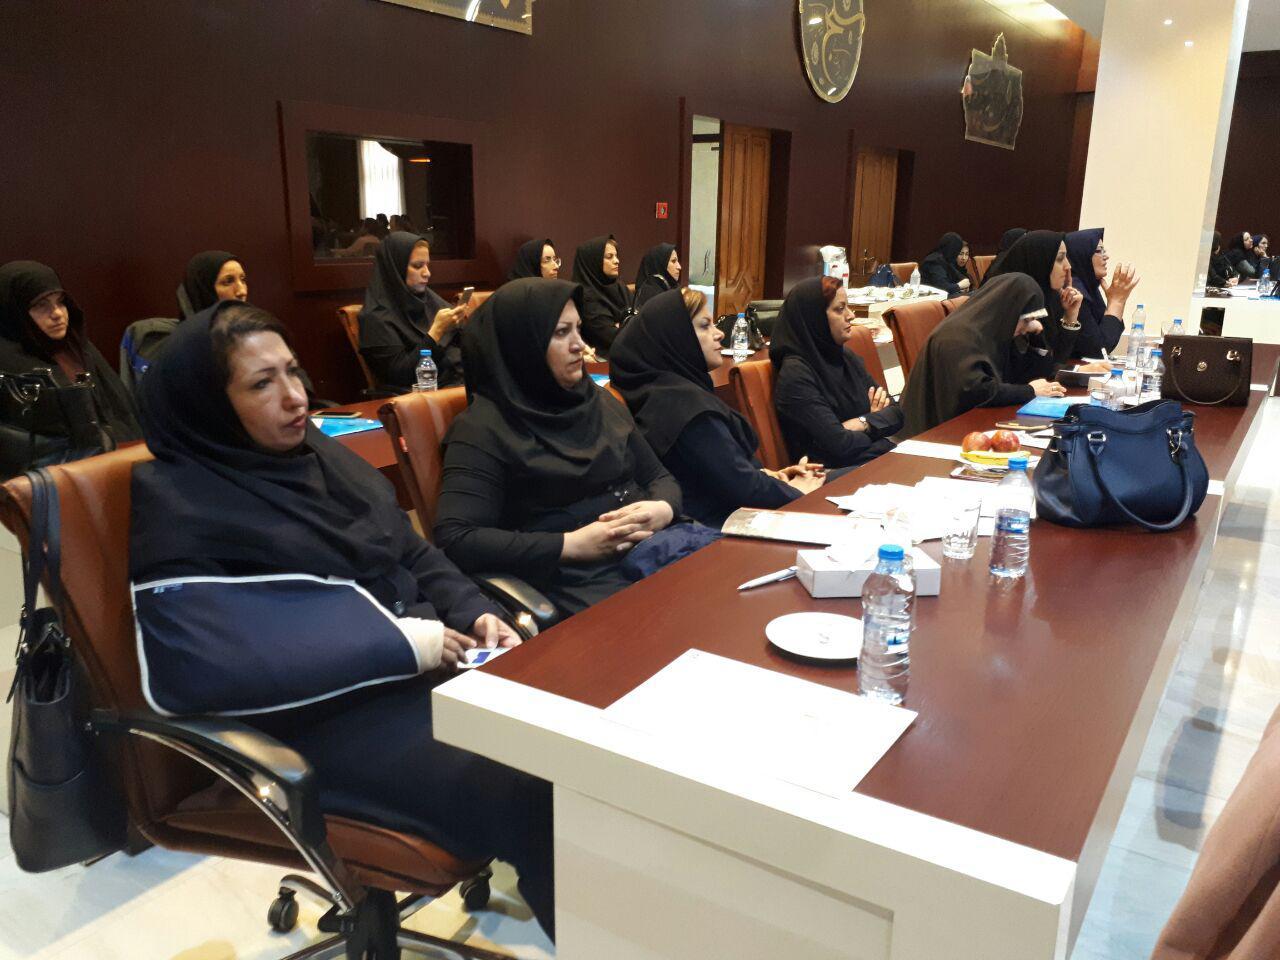 برگزاری سمینار آموزش پرستاری دستگاه های دیالیز  4008s Classic فرزنیوس در مشهد 16